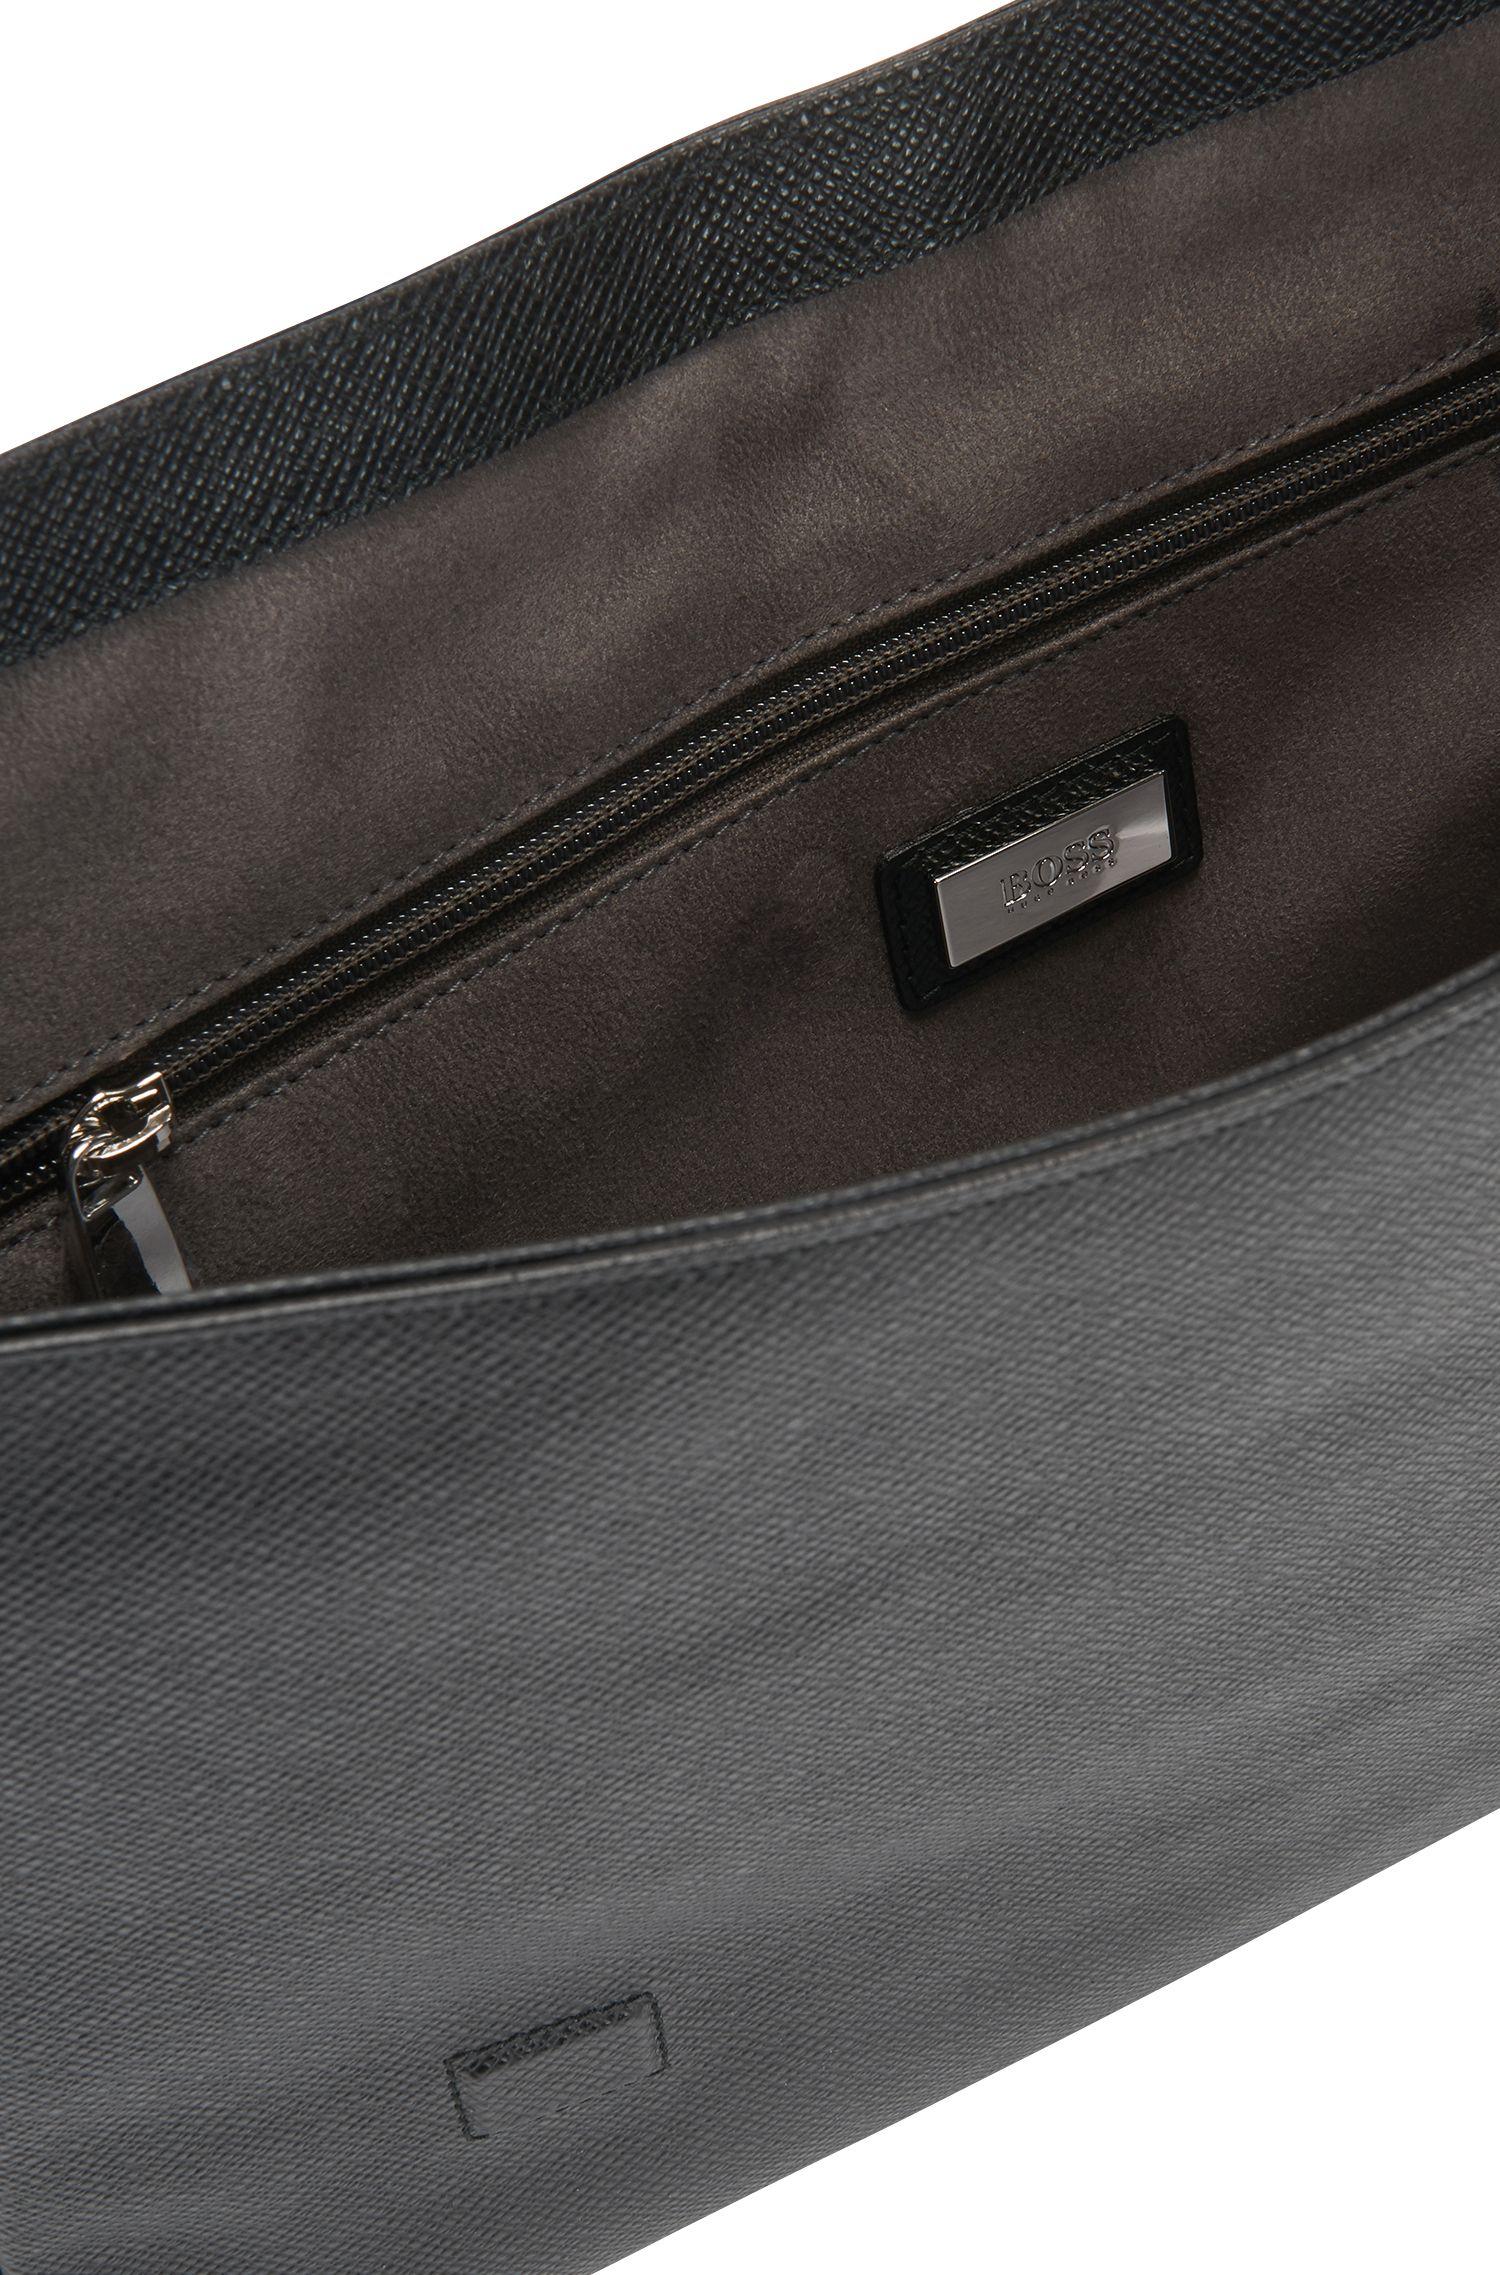 Signature Mess Flap' | Leather Messenger Bag, Shoulder Strap